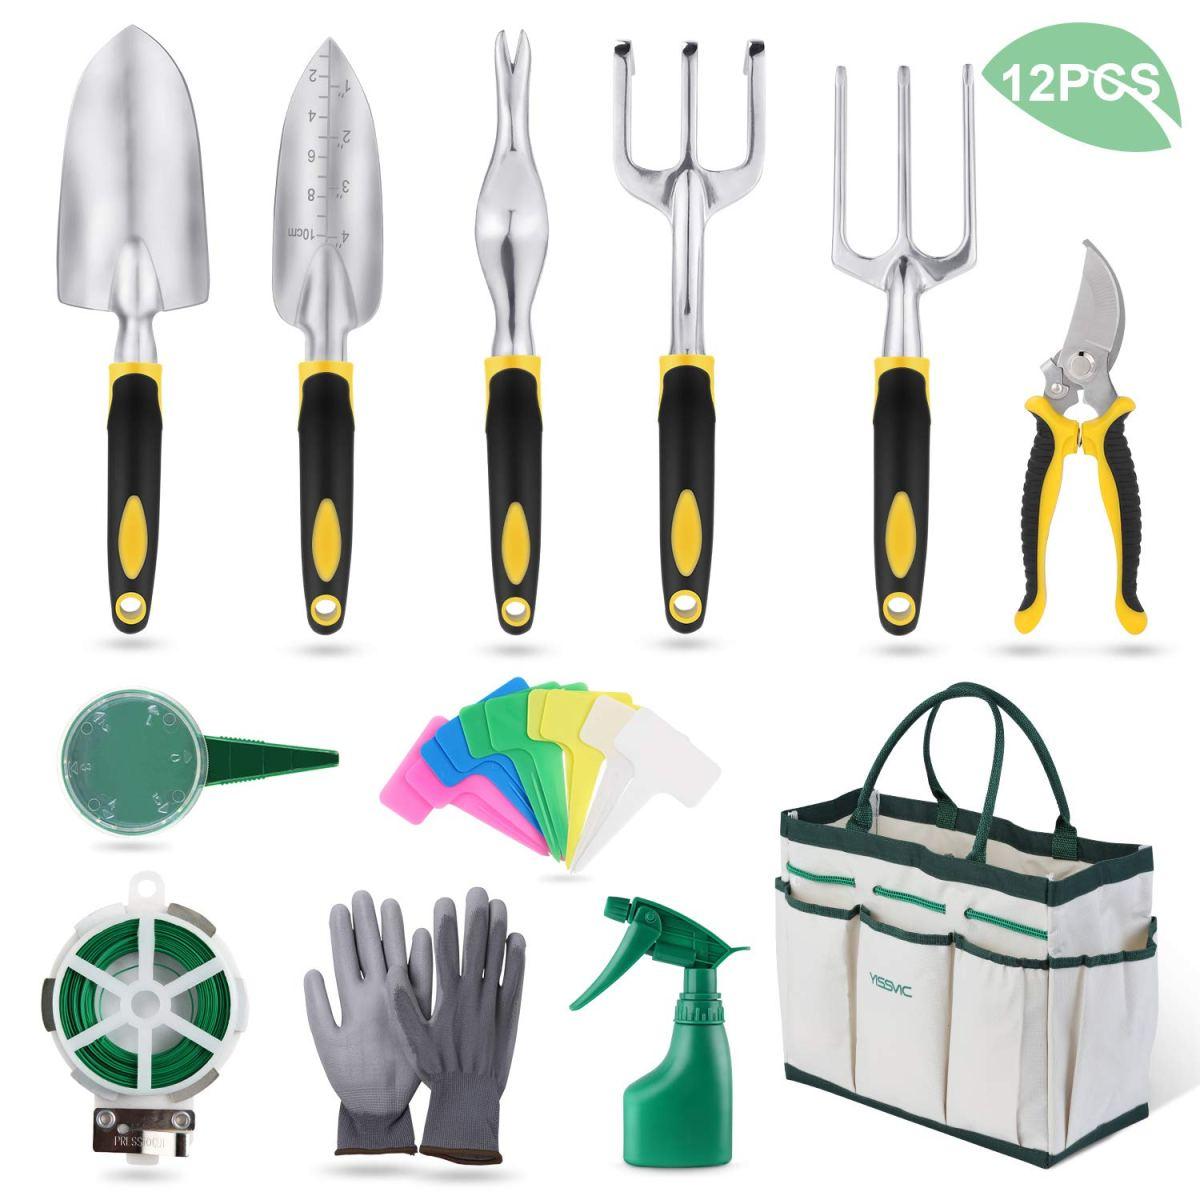 Kit de Jardinería de 12 Herramientas con Organizador.